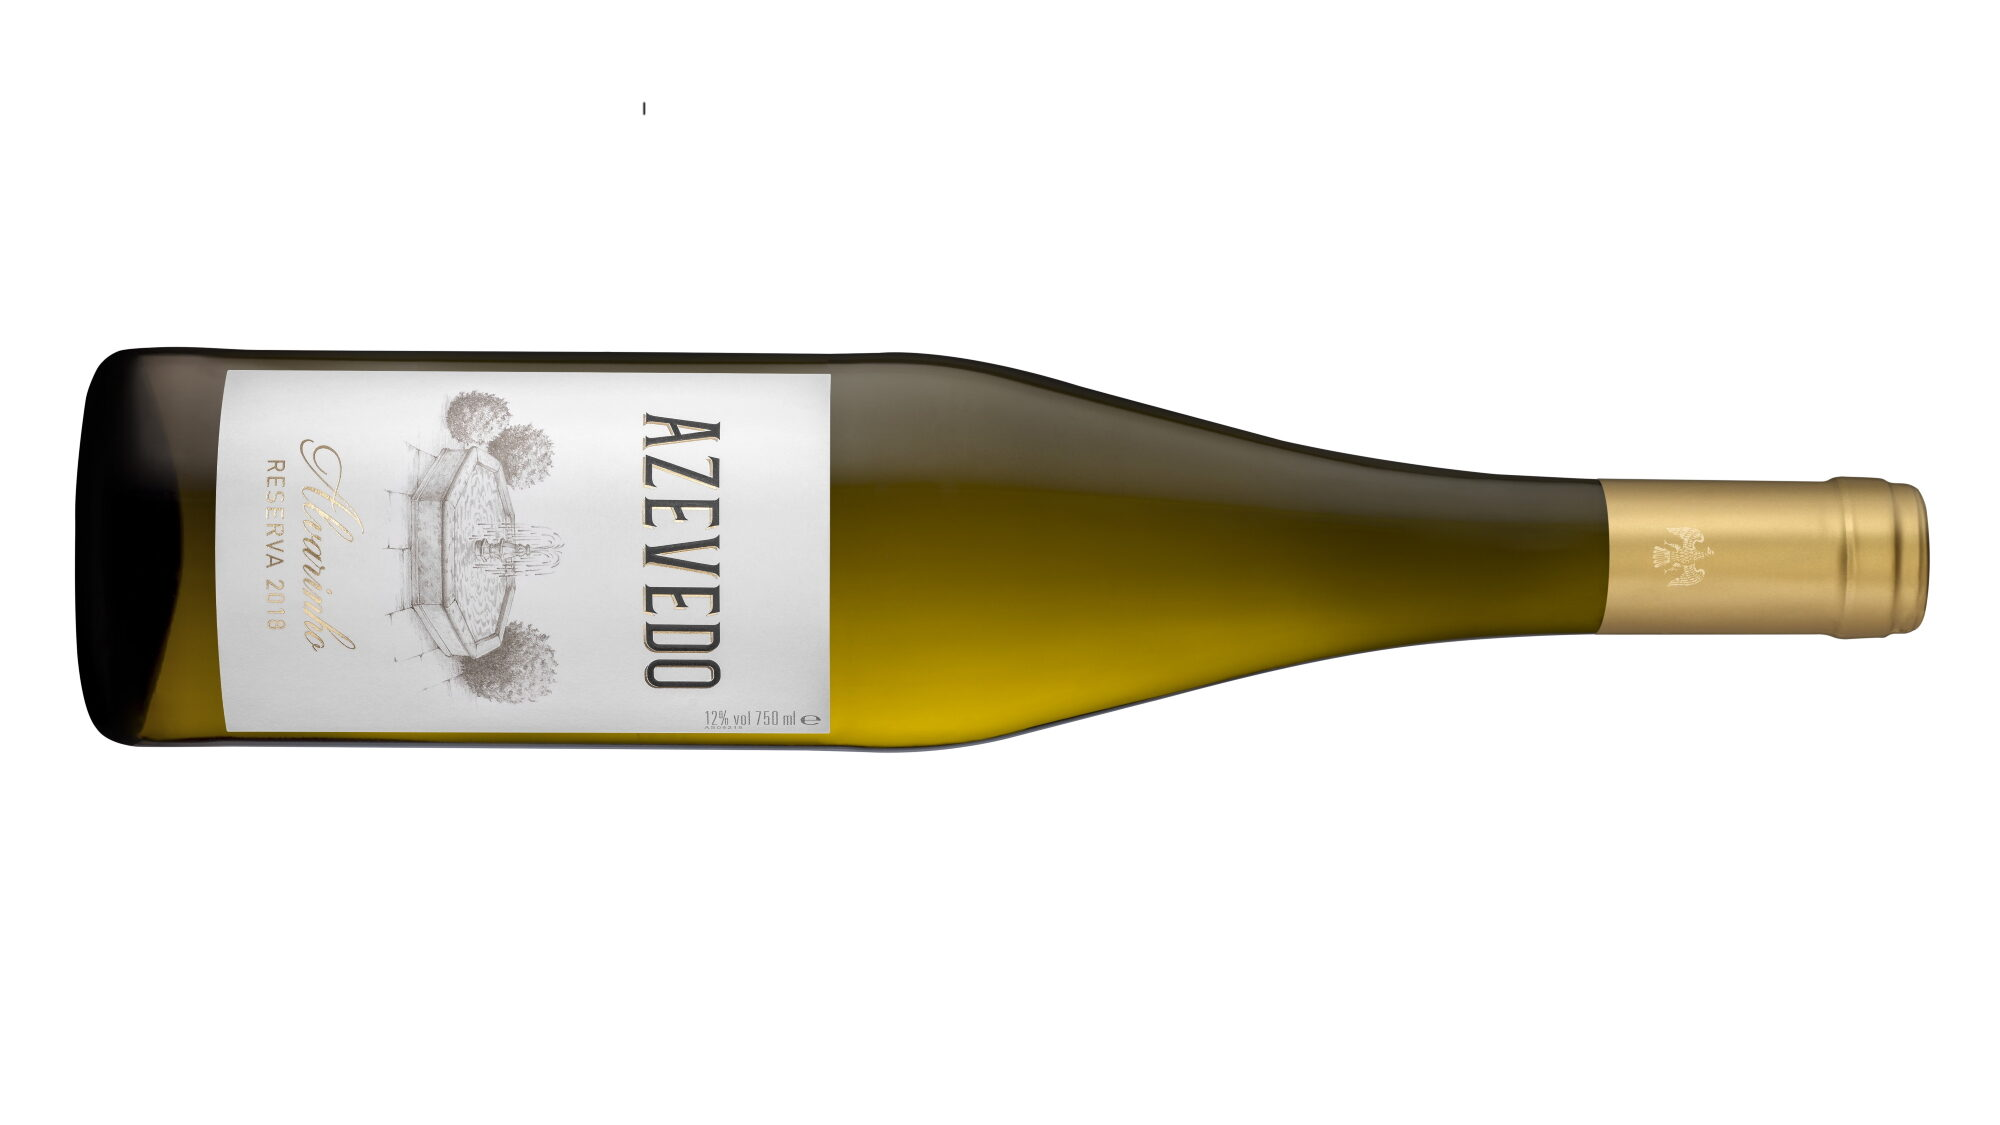 Os melhores vinhos para uma noite de verão | Unibanco